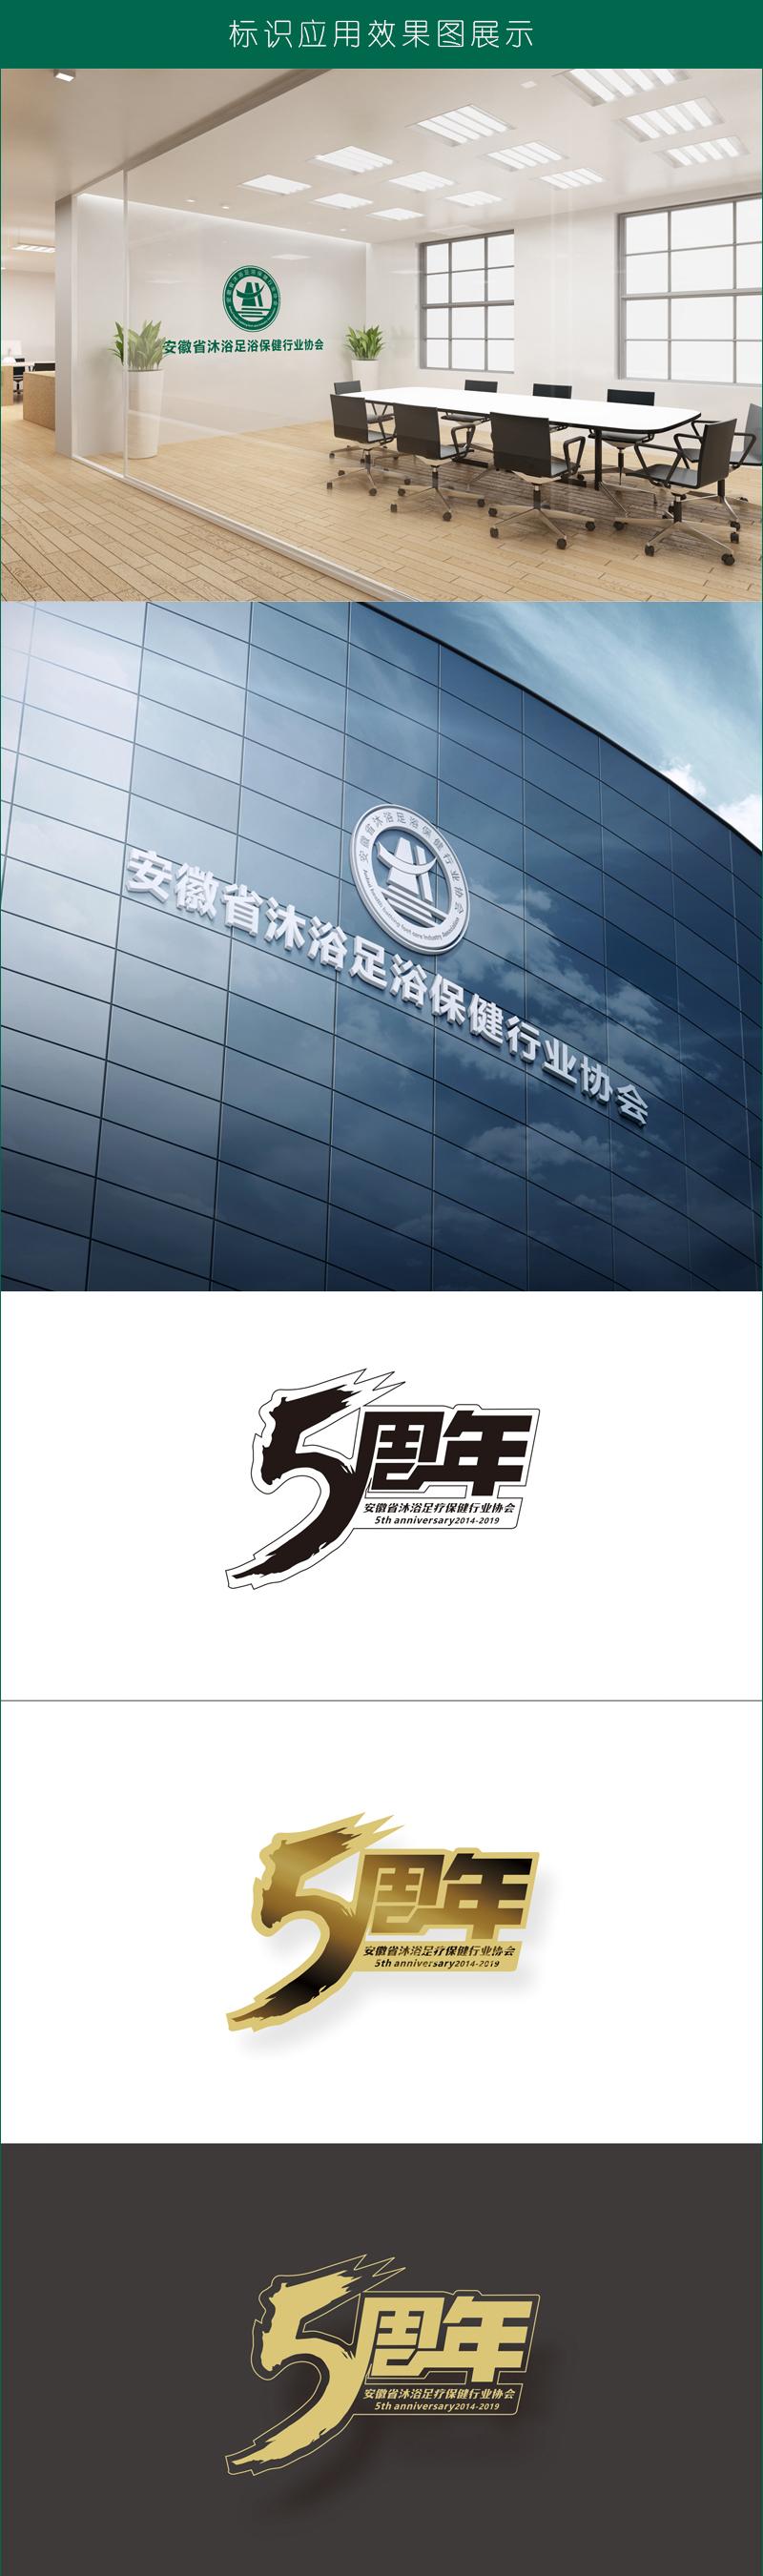 安徽省沐浴足疗保健行业协会标识设计(图3)